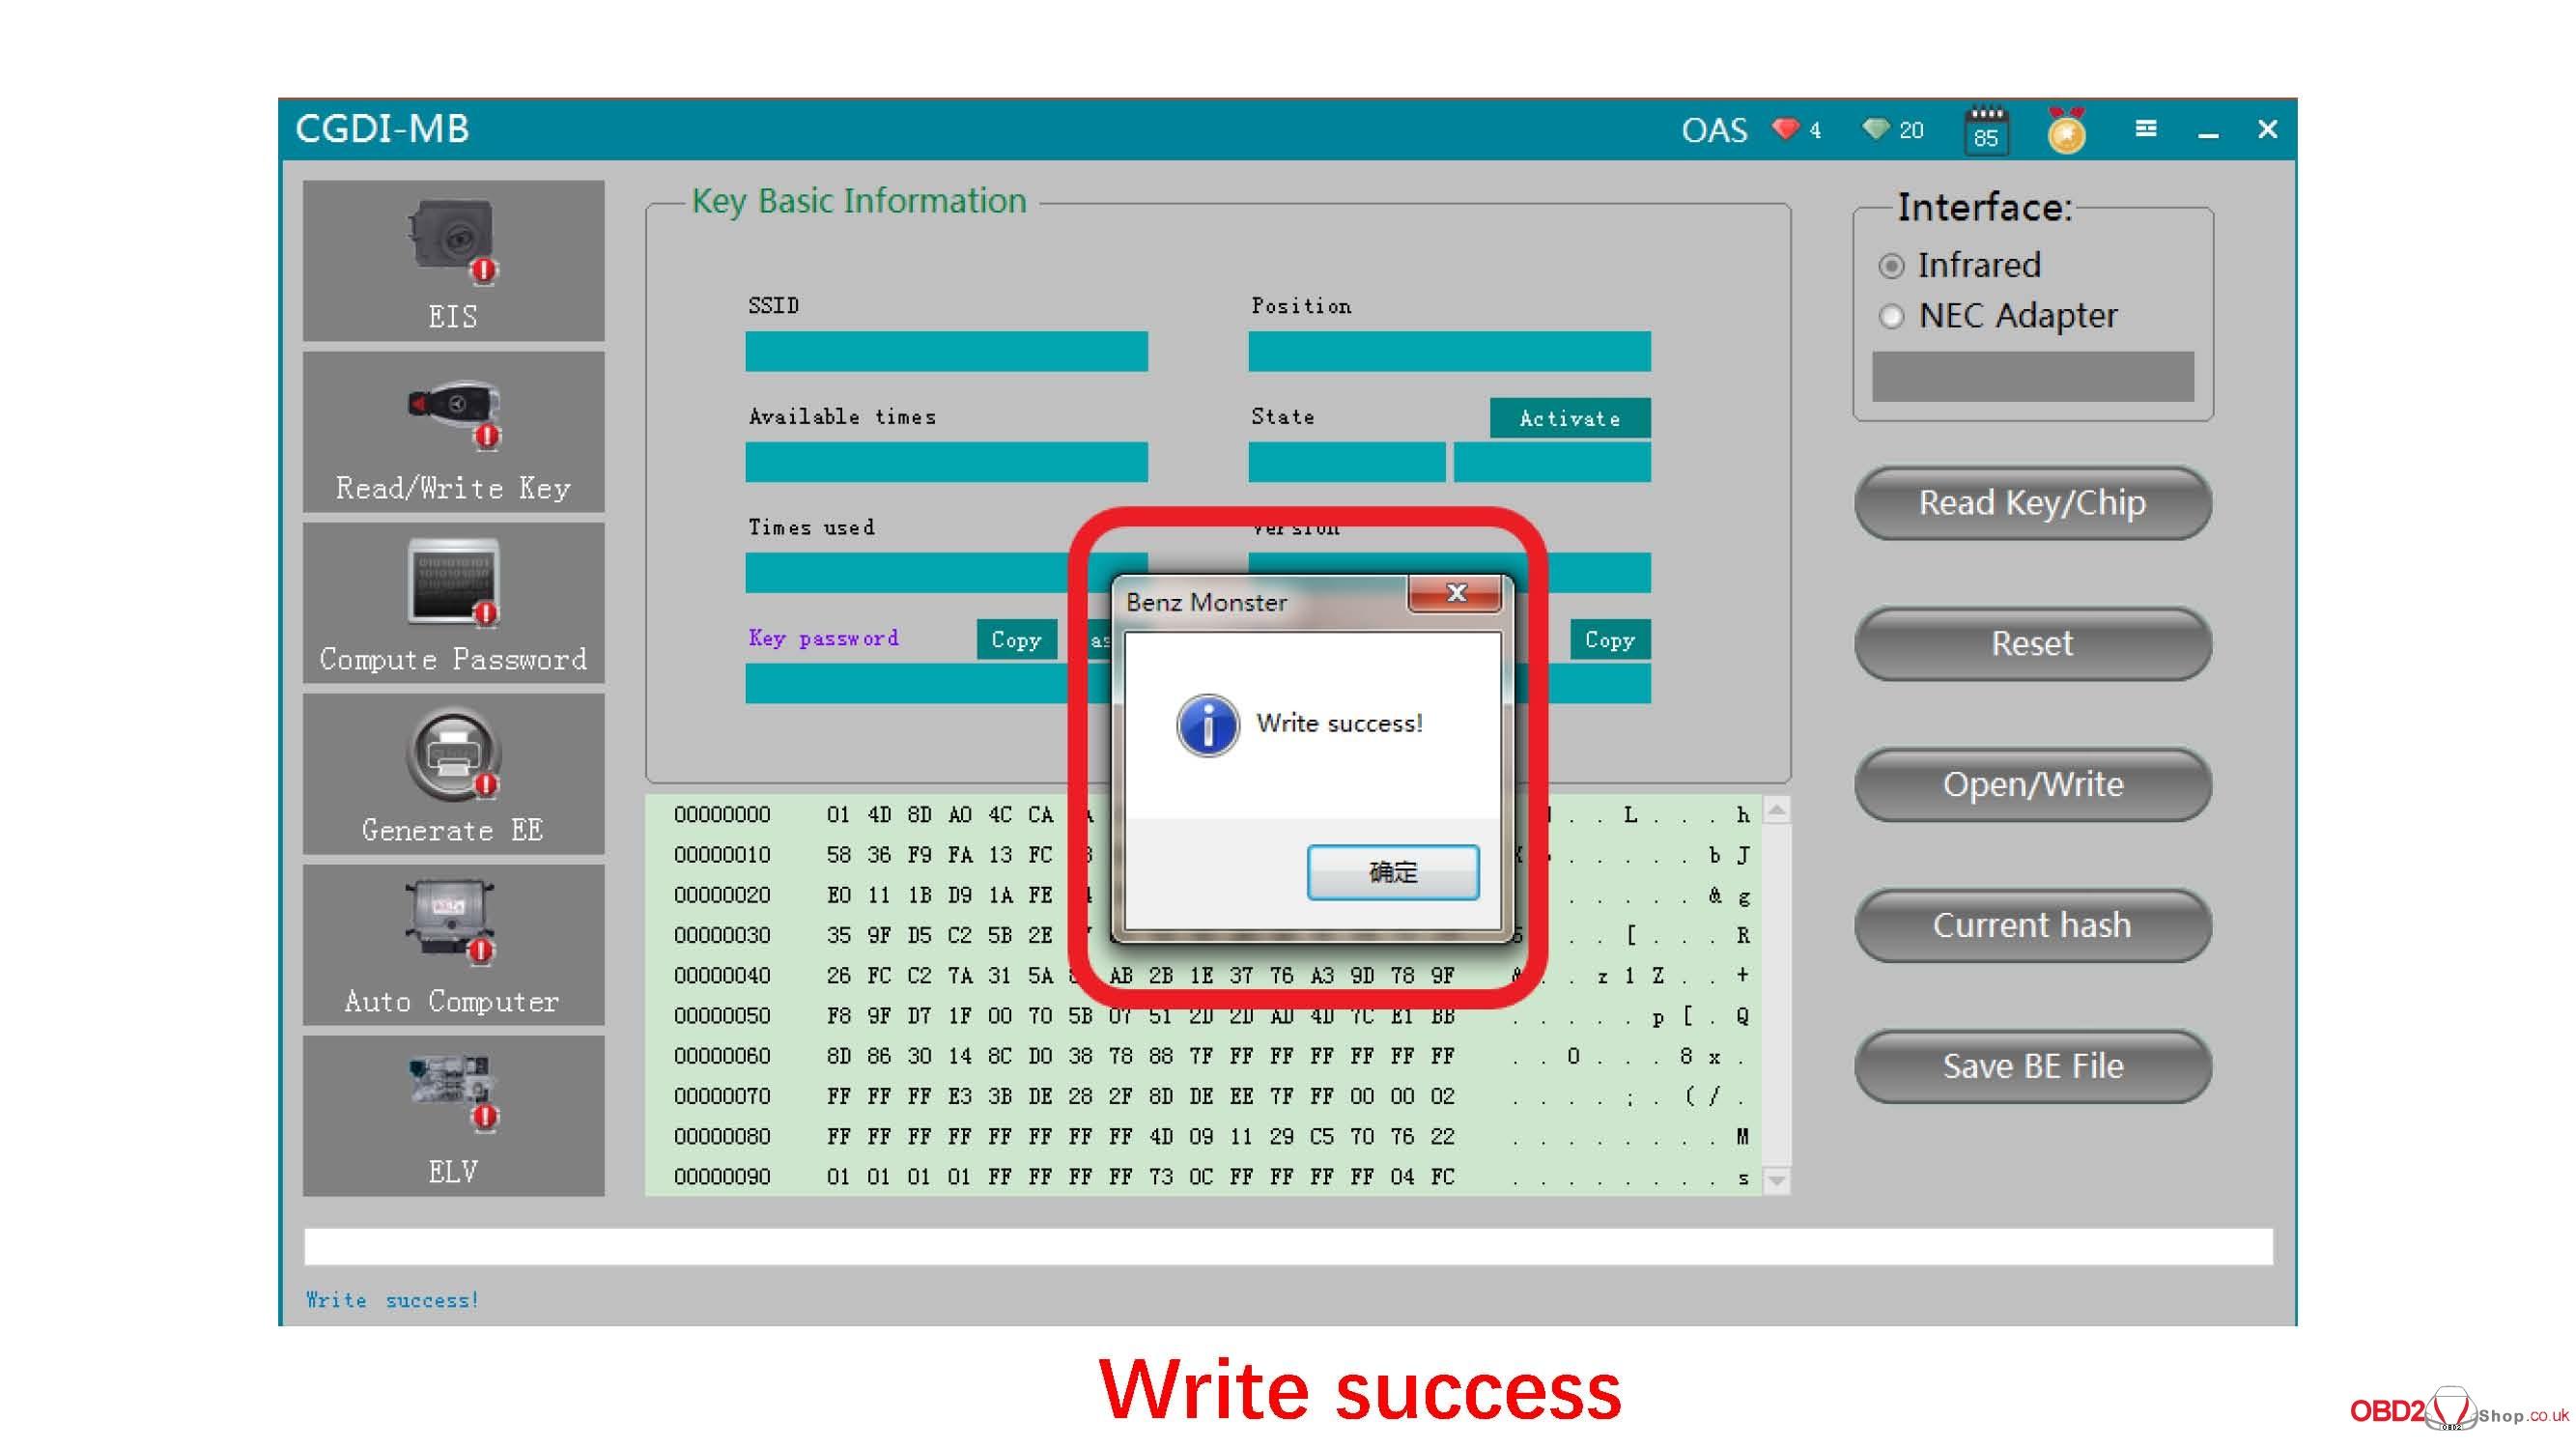 cgdi-mb-program-w216-when-all-keys-lost-28